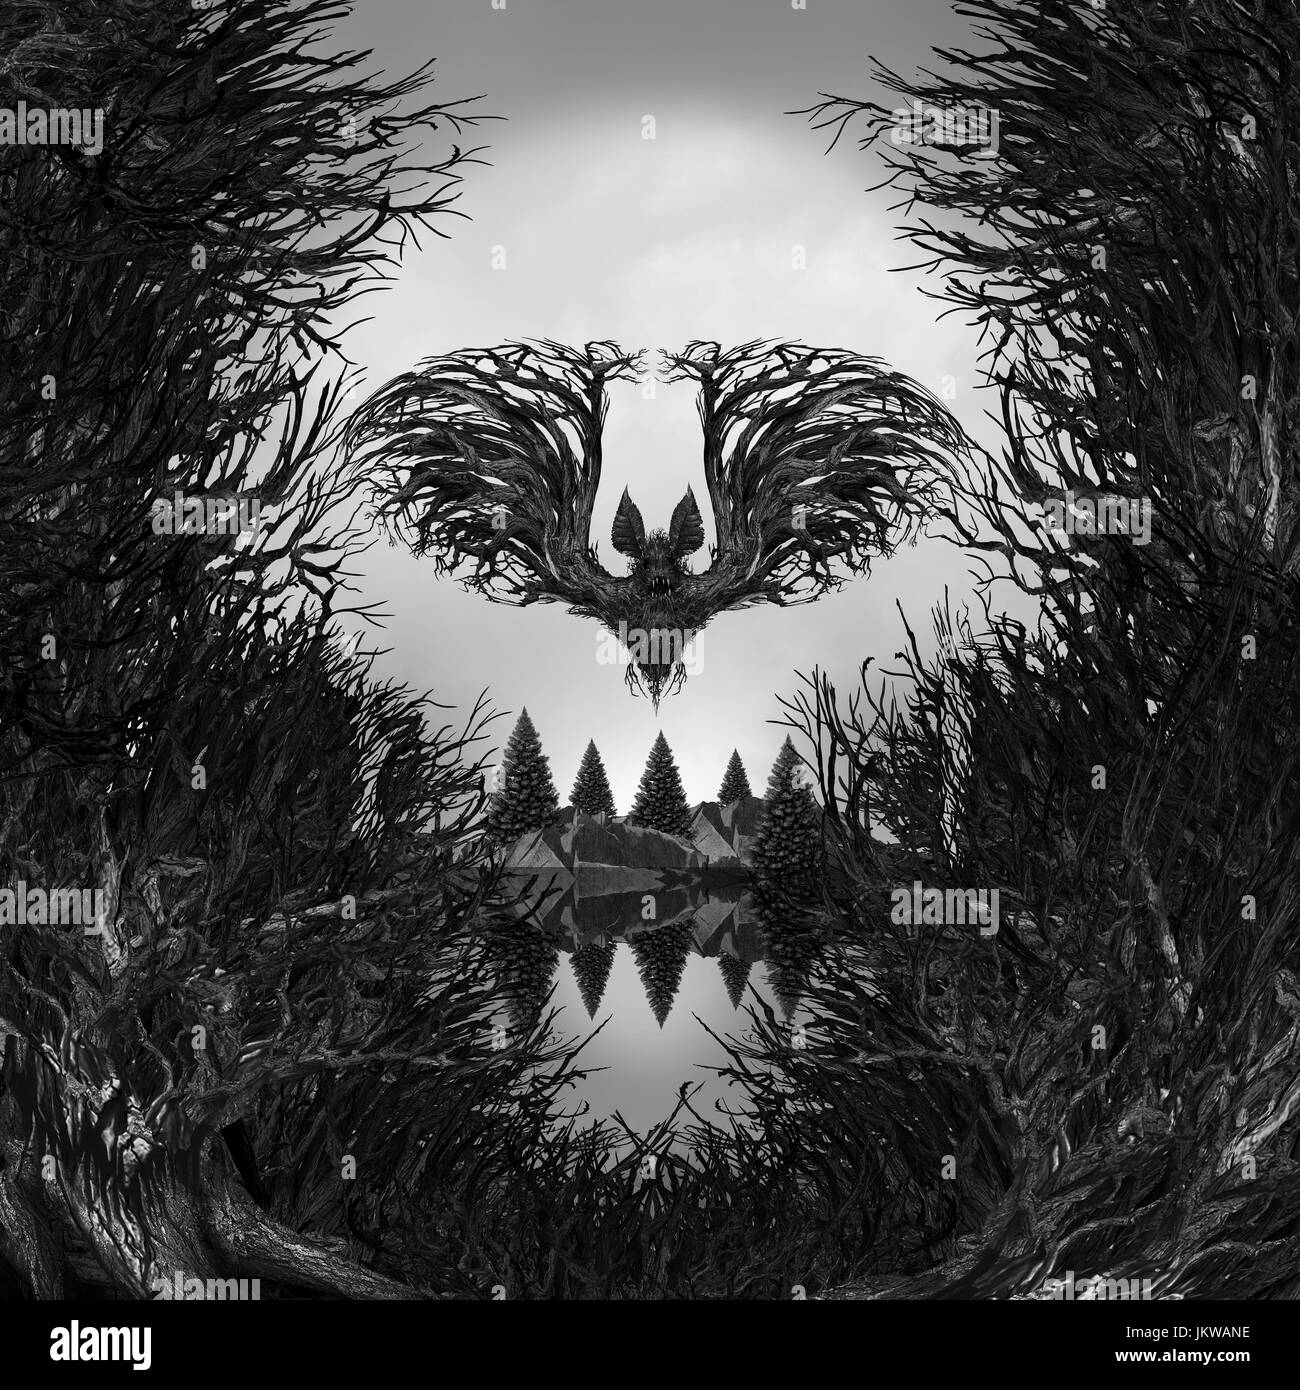 Scary cranio come sfondo una surreale haunted foresta con gli alberi morti e a forma di montagna come un posseduto Immagini Stock